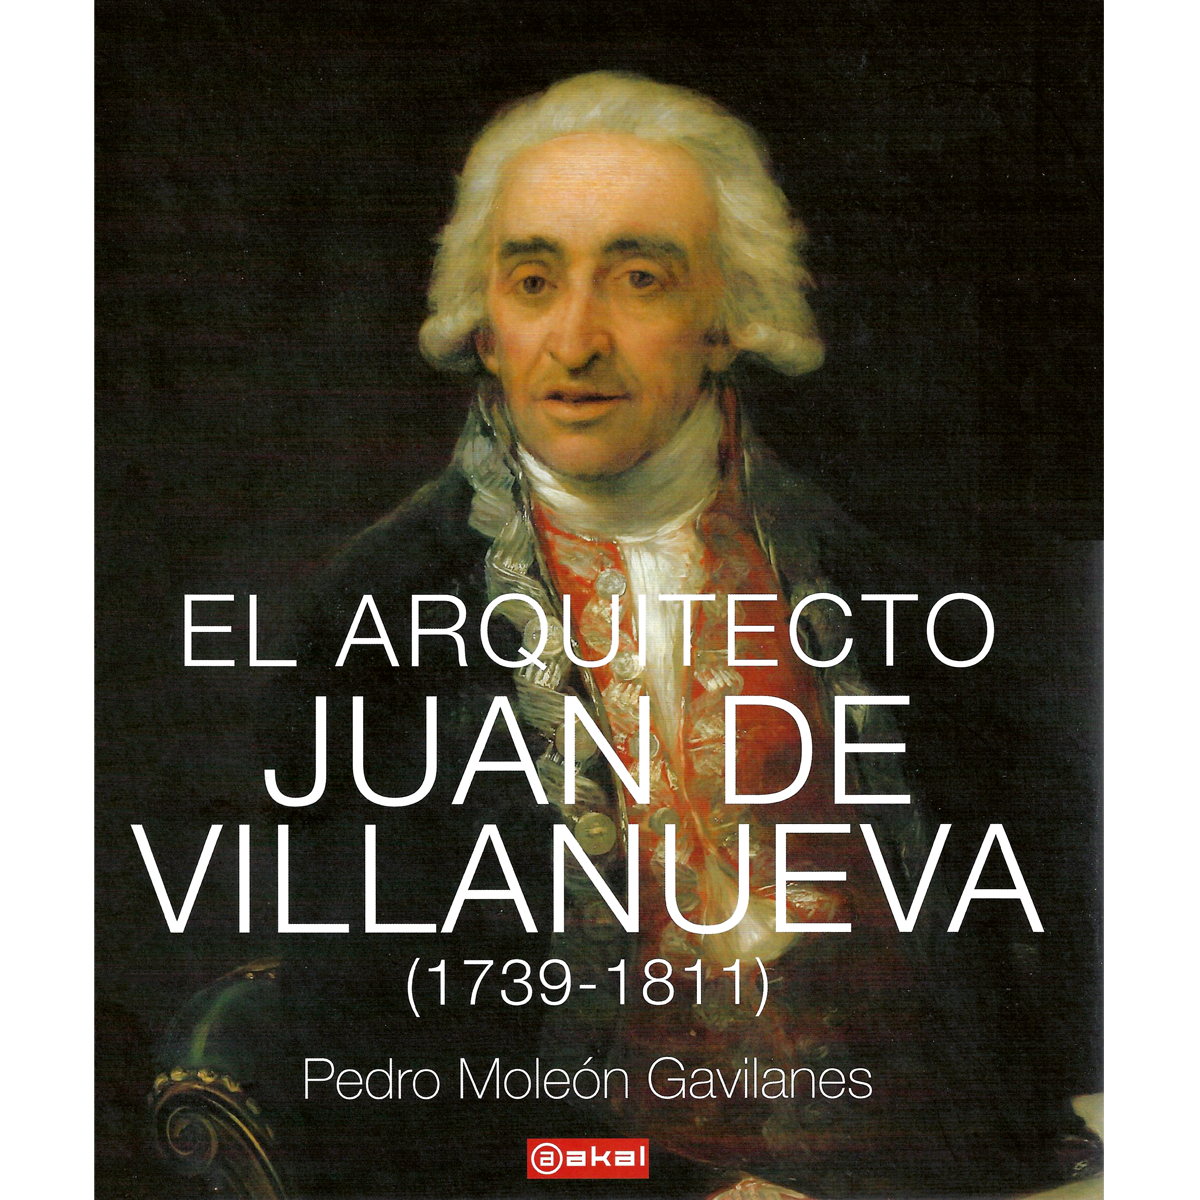 El arquitecto Juan de Villanueva